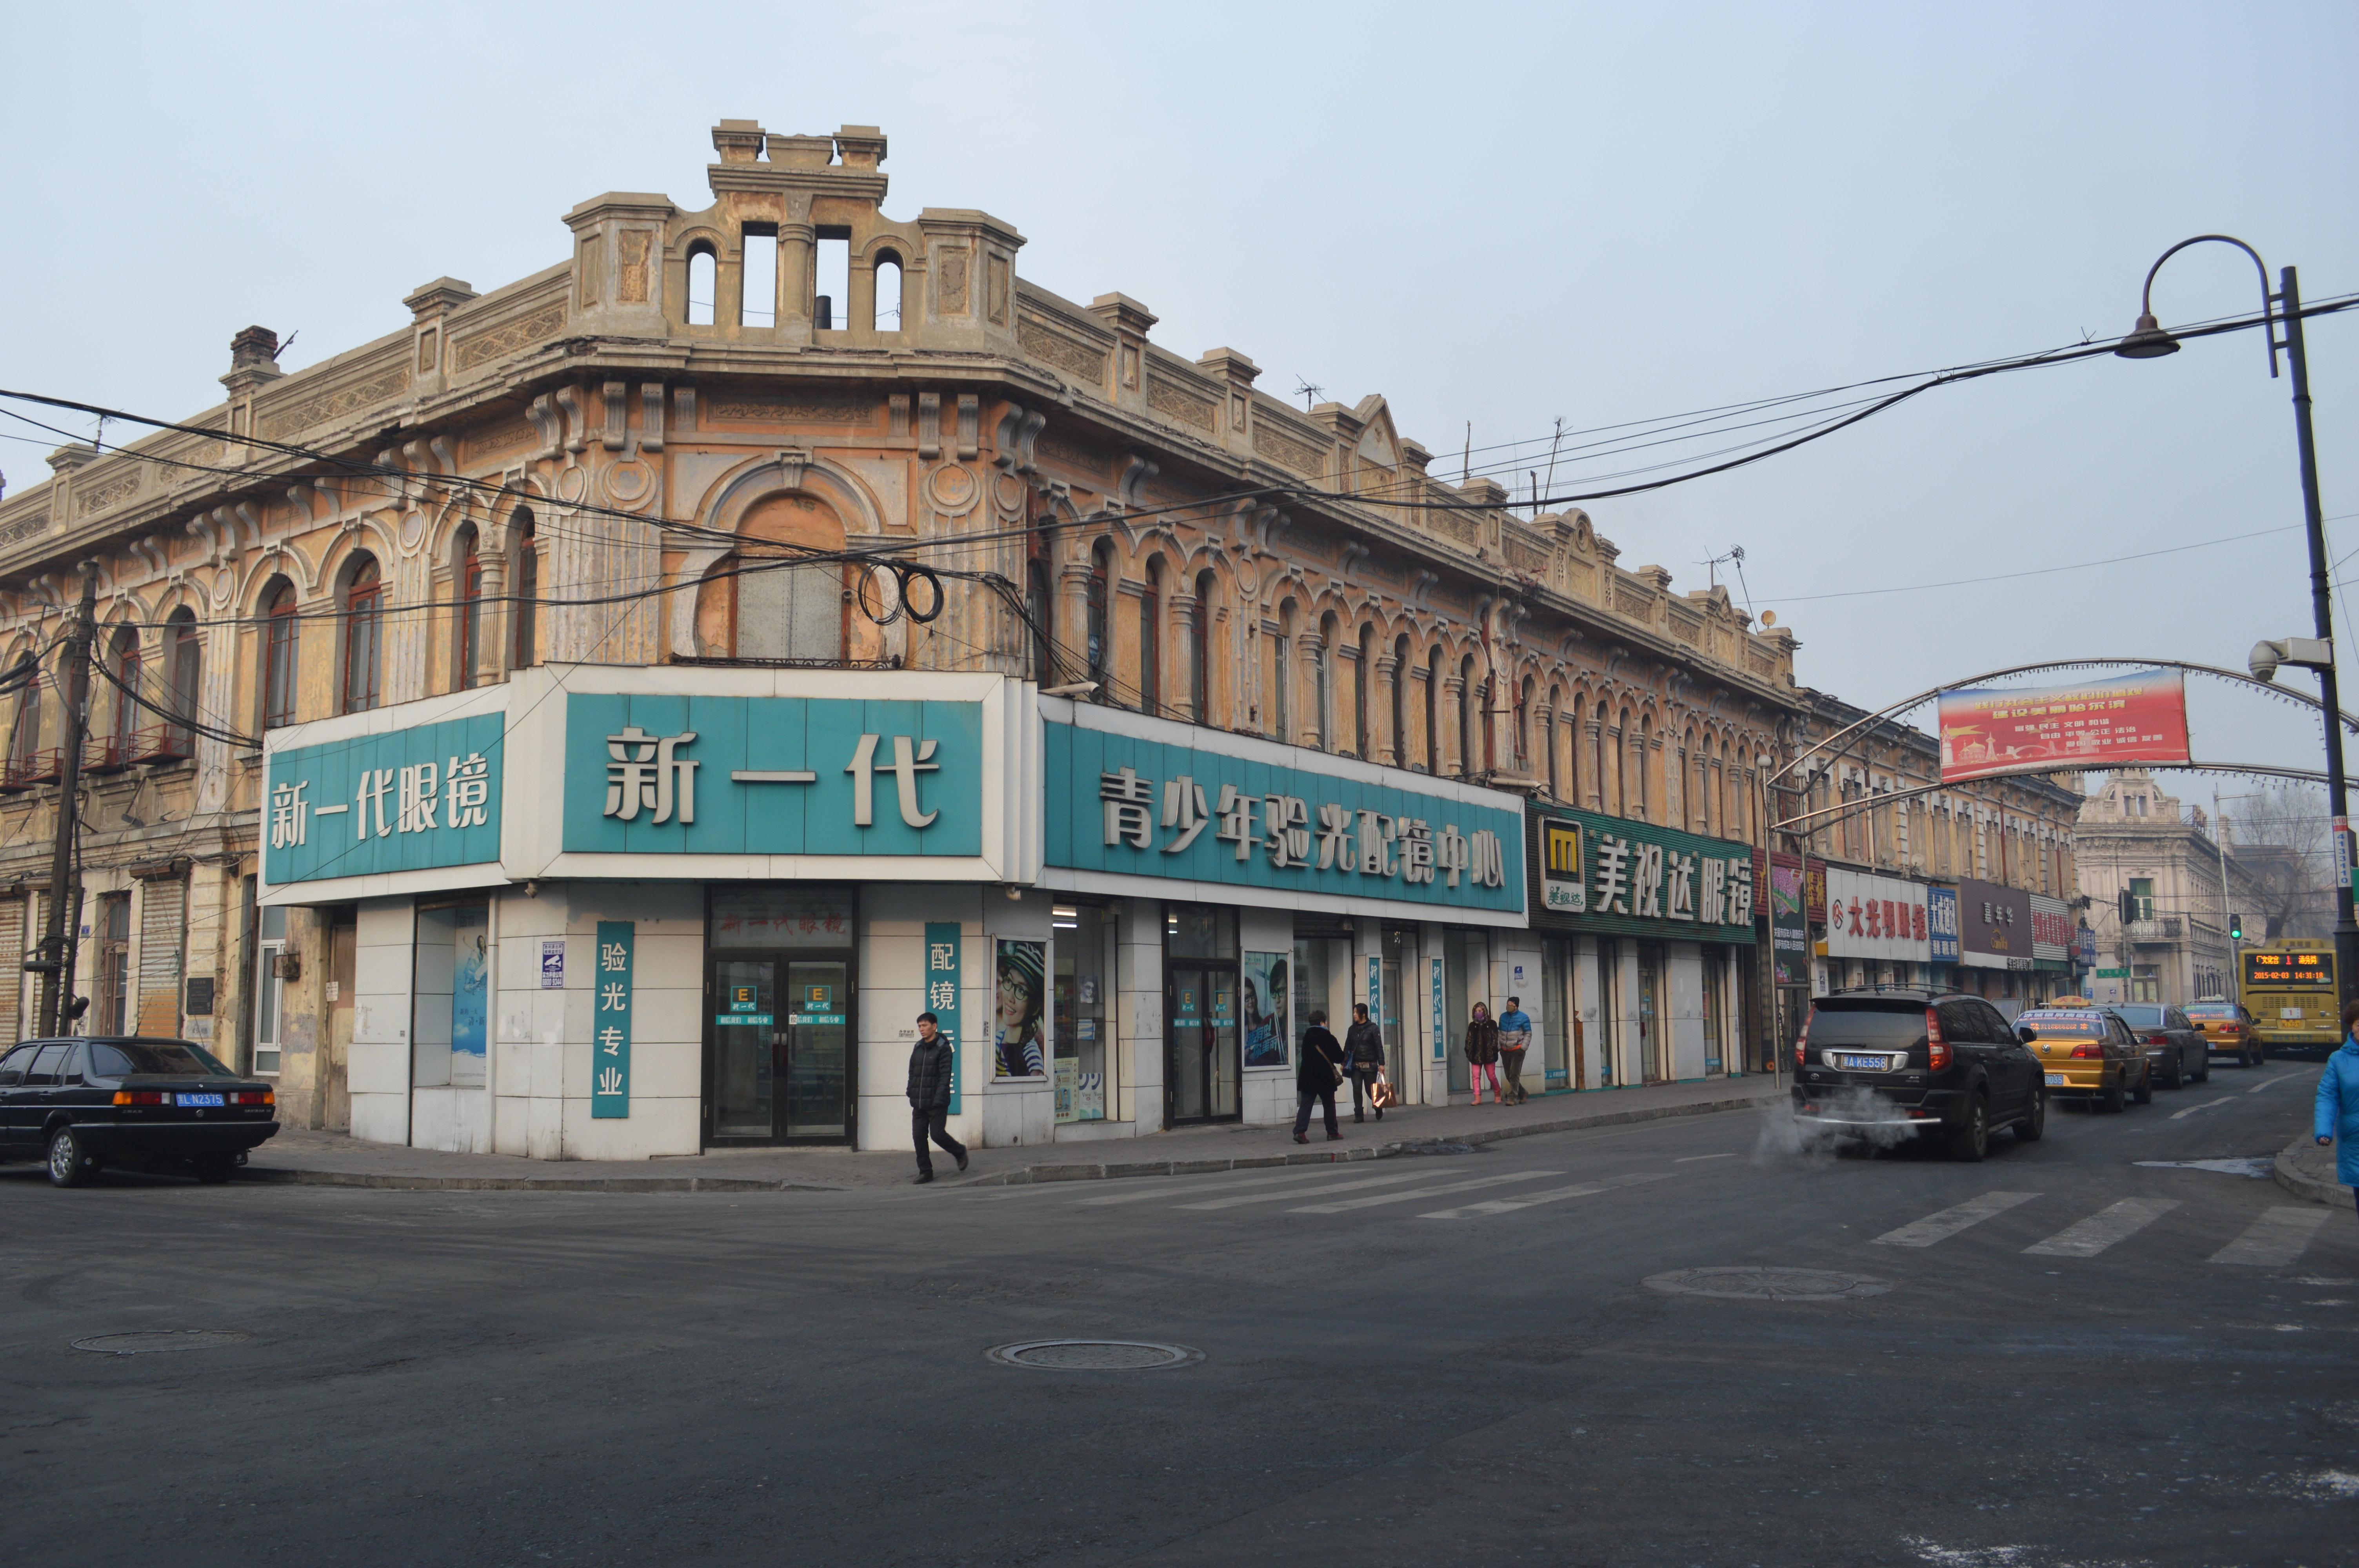 【携程攻略】哈尔滨哈尔滨市道外区文化街区购物攻略